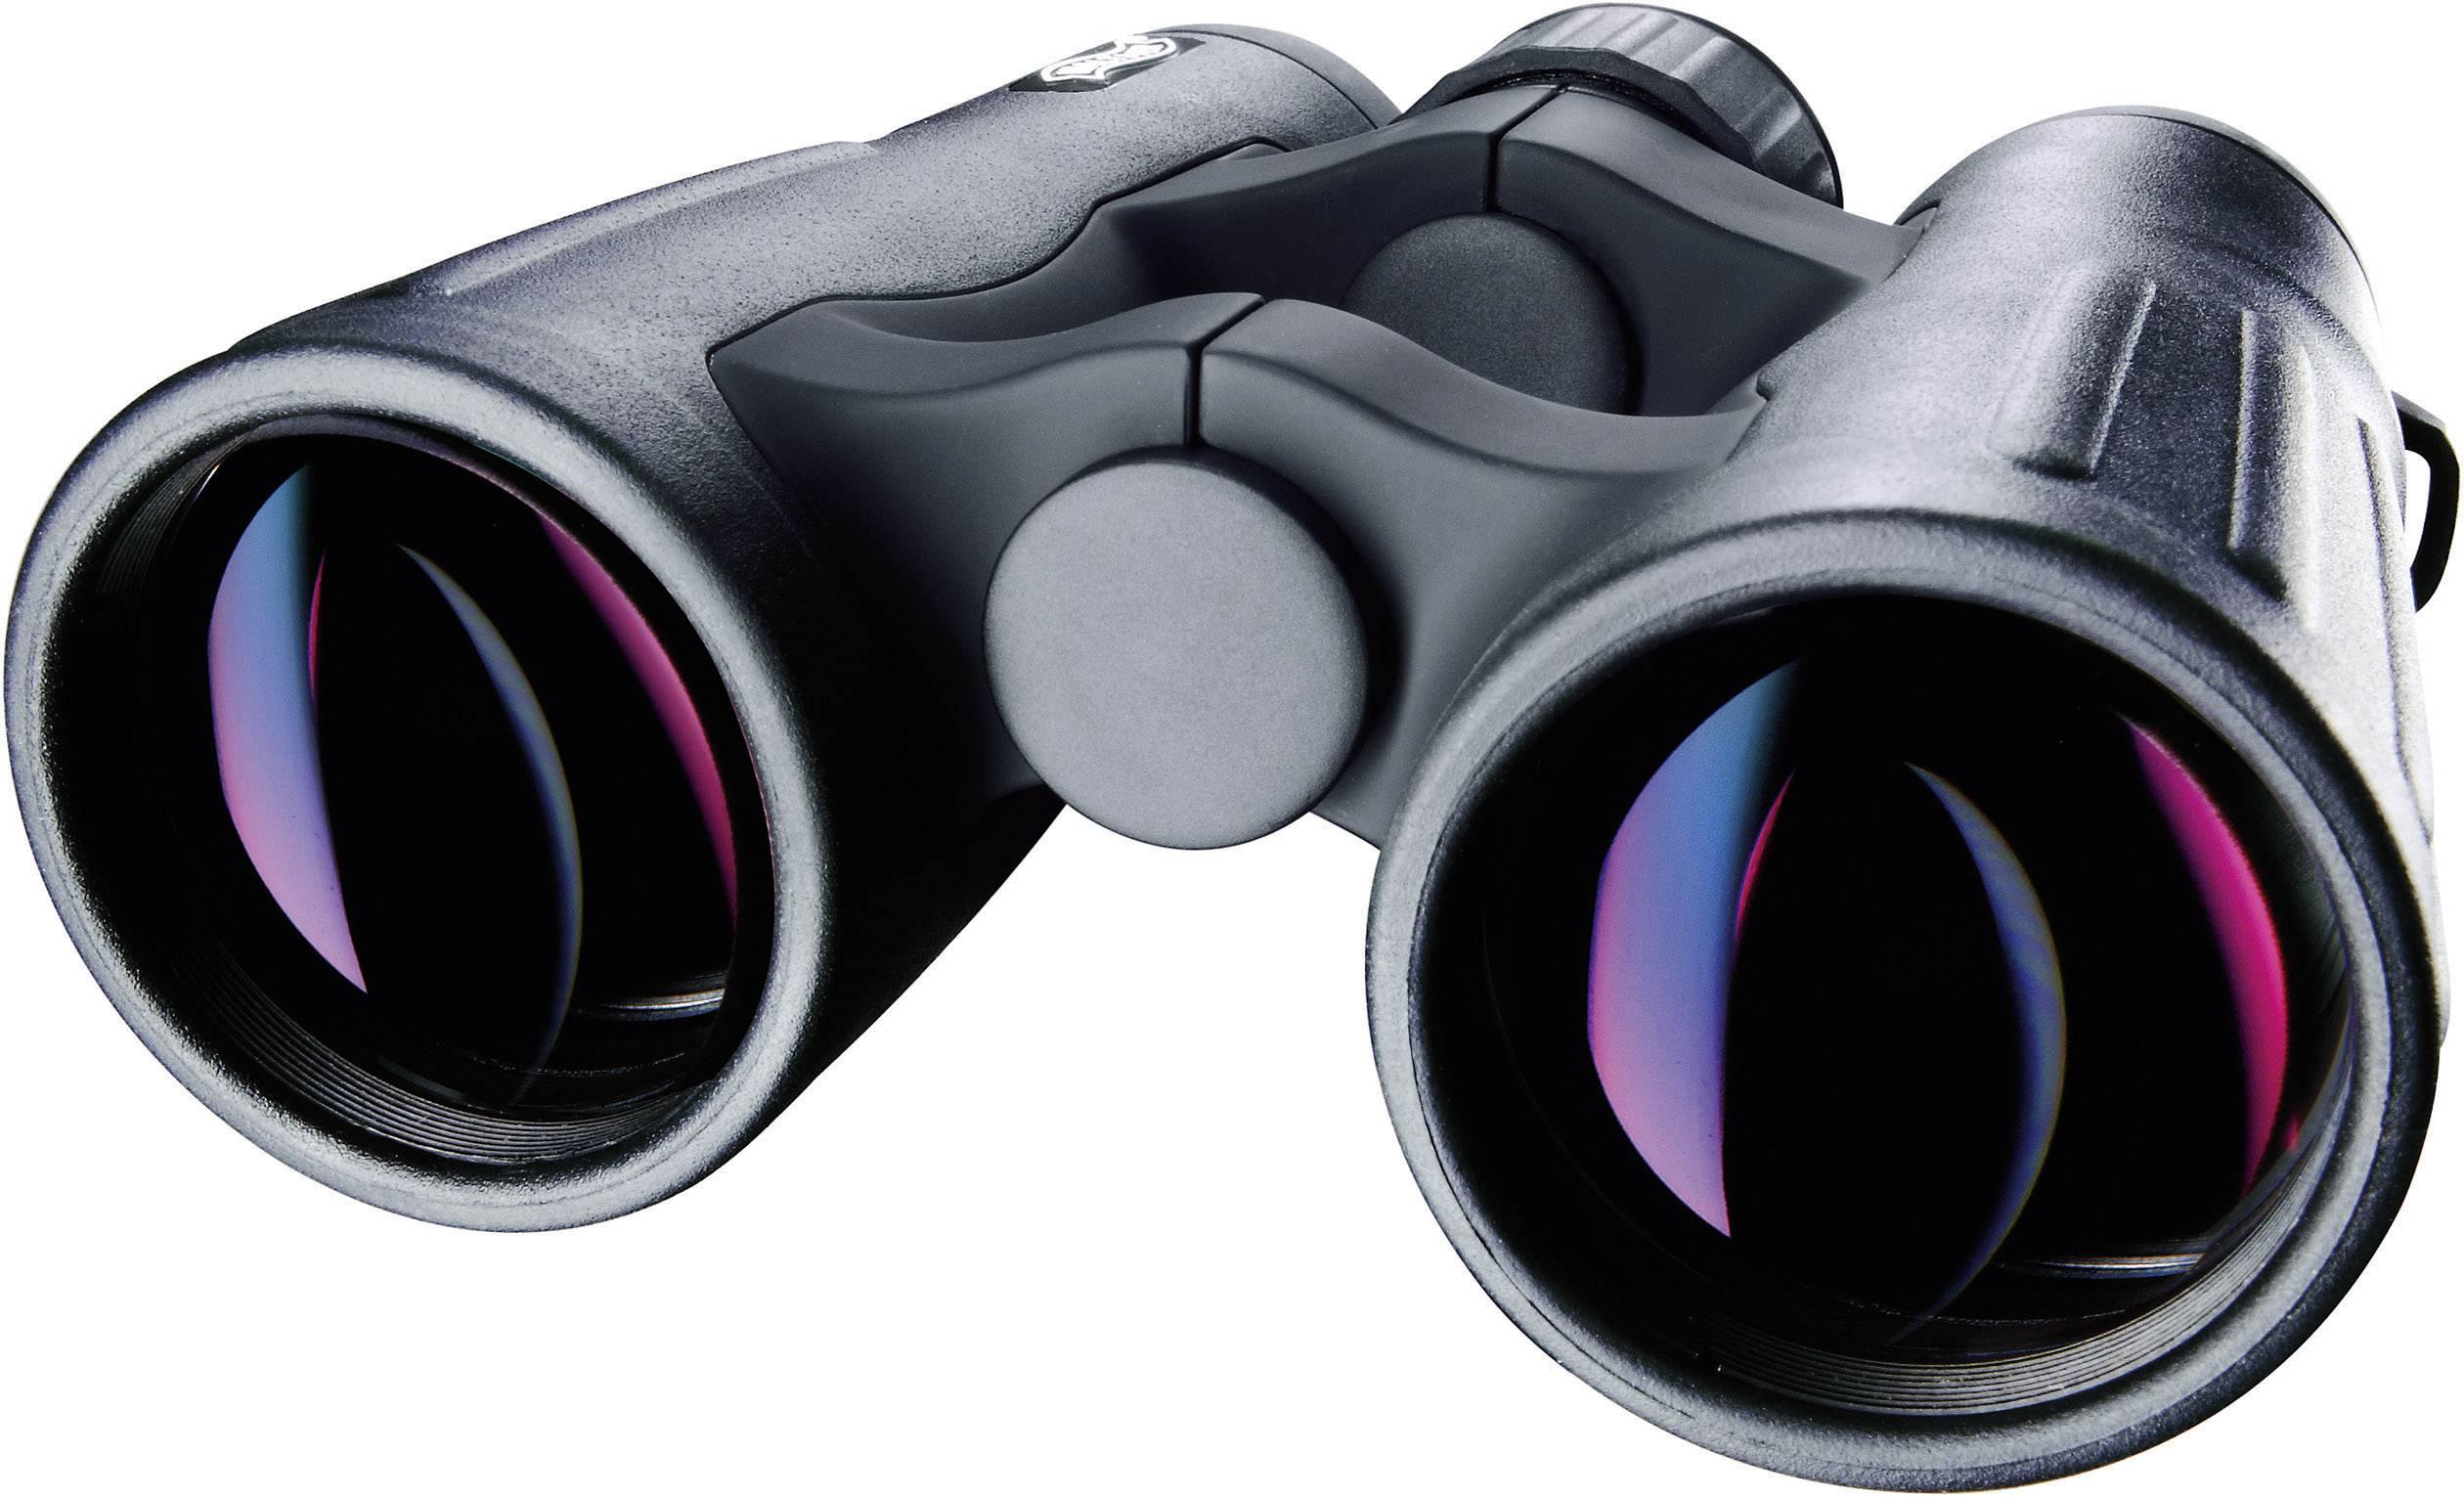 Ďalekohľad Walther Outlander 10 x 42 42 mm, čierna